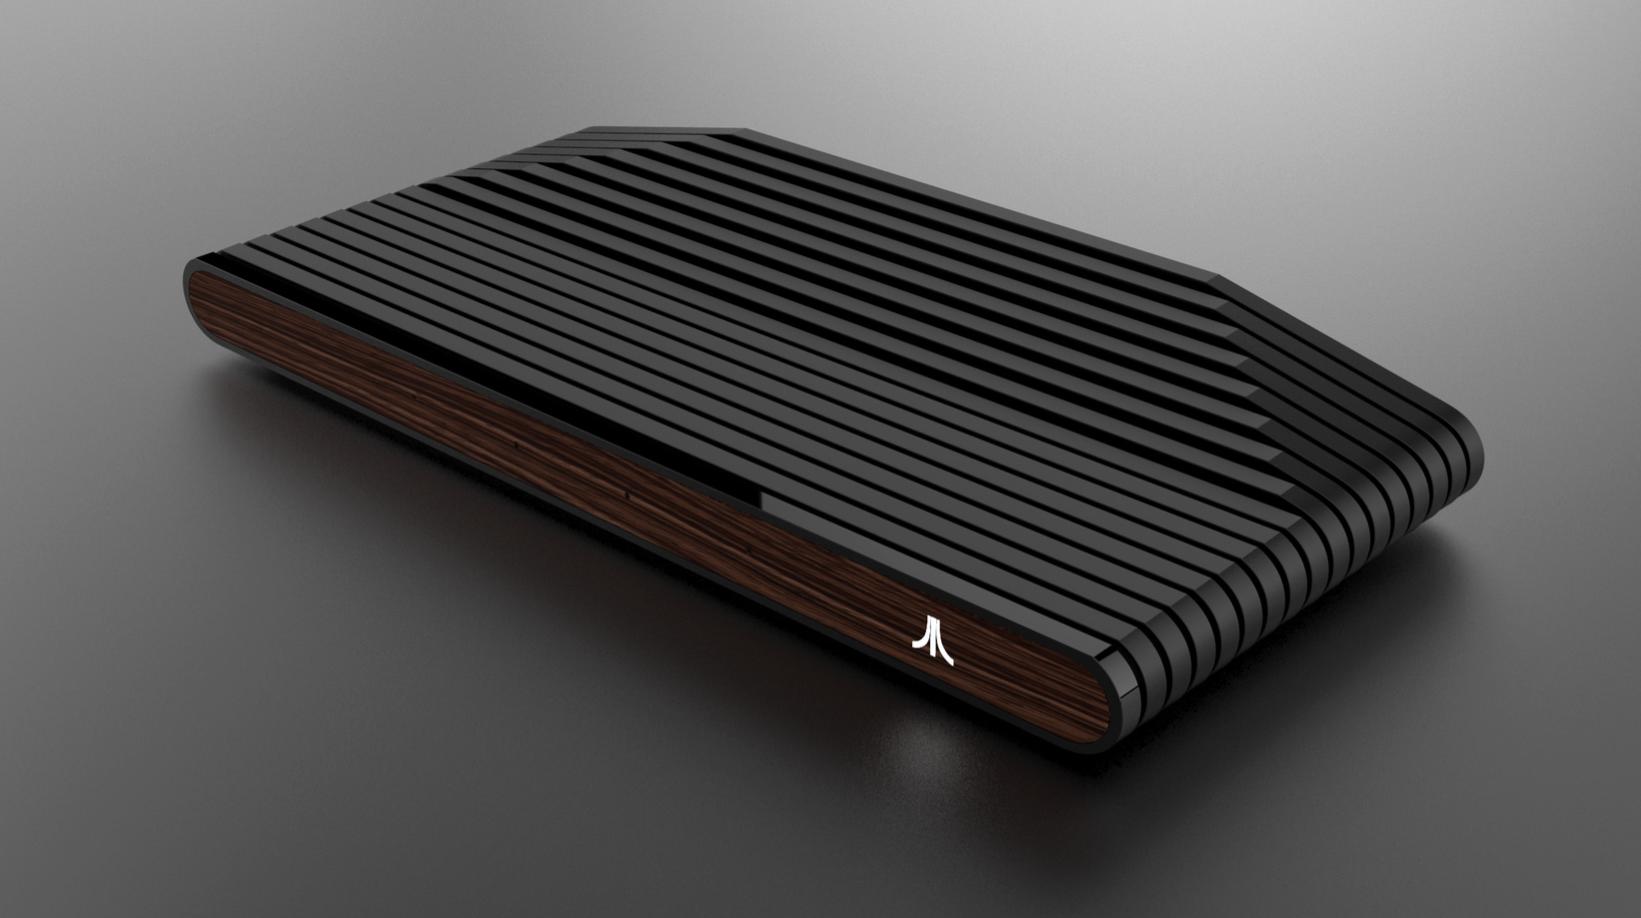 New Atari Console 2020 Atari Announces Details on New Ataribox Console | Fortune